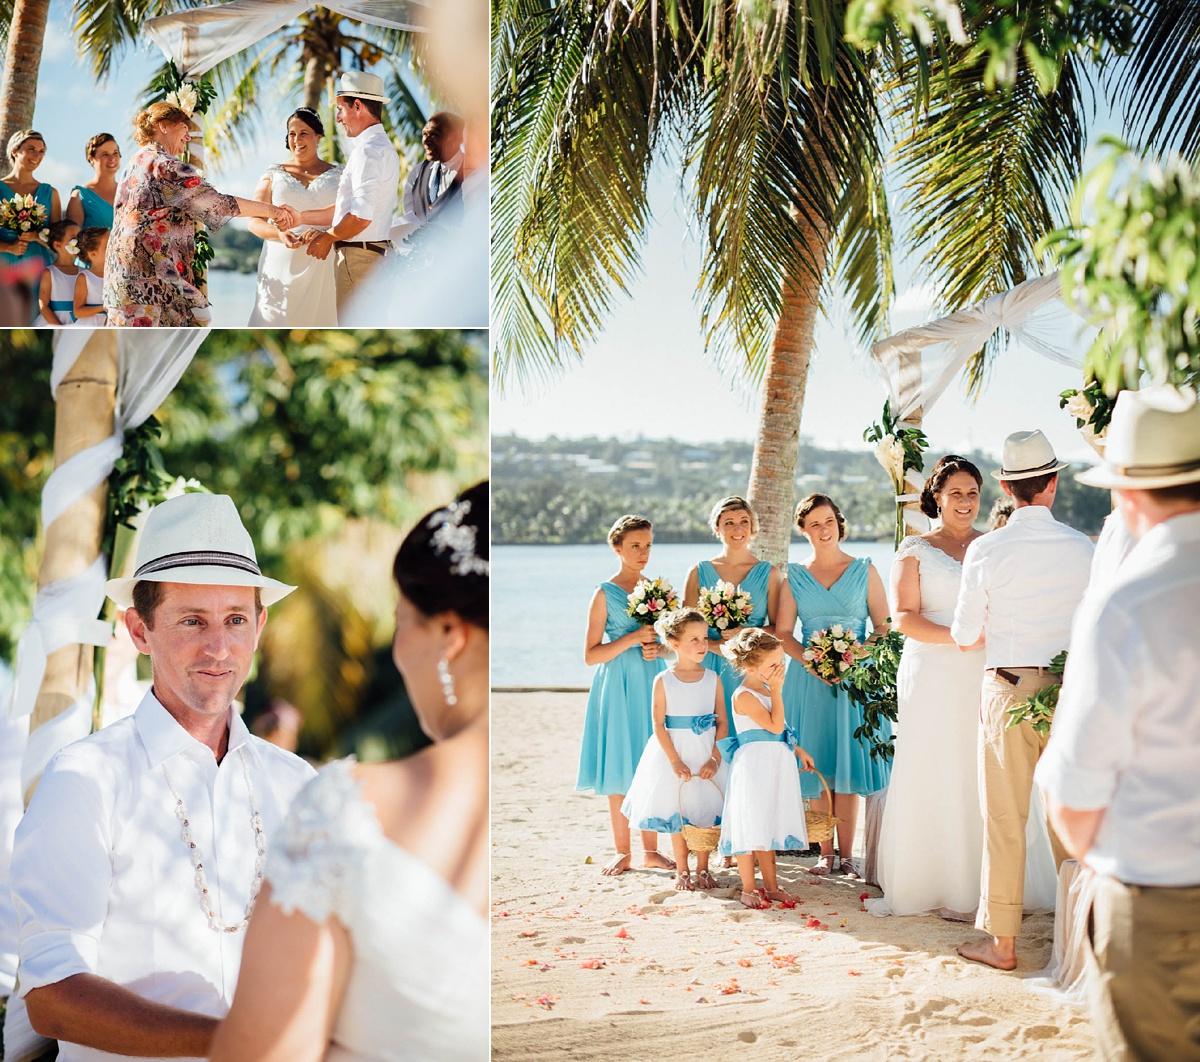 gemma-clinton-wedding-erakor-vanuatu-photography_0013.jpg